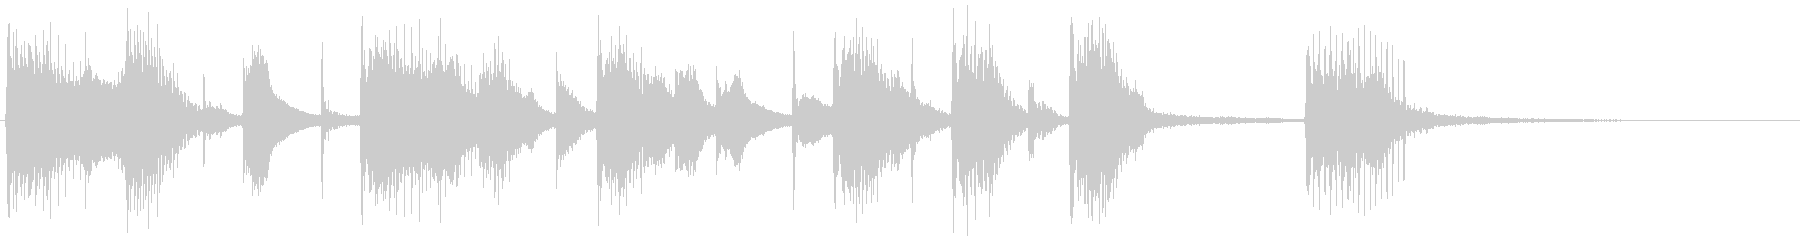 サーカスセグ4の未再生の波形